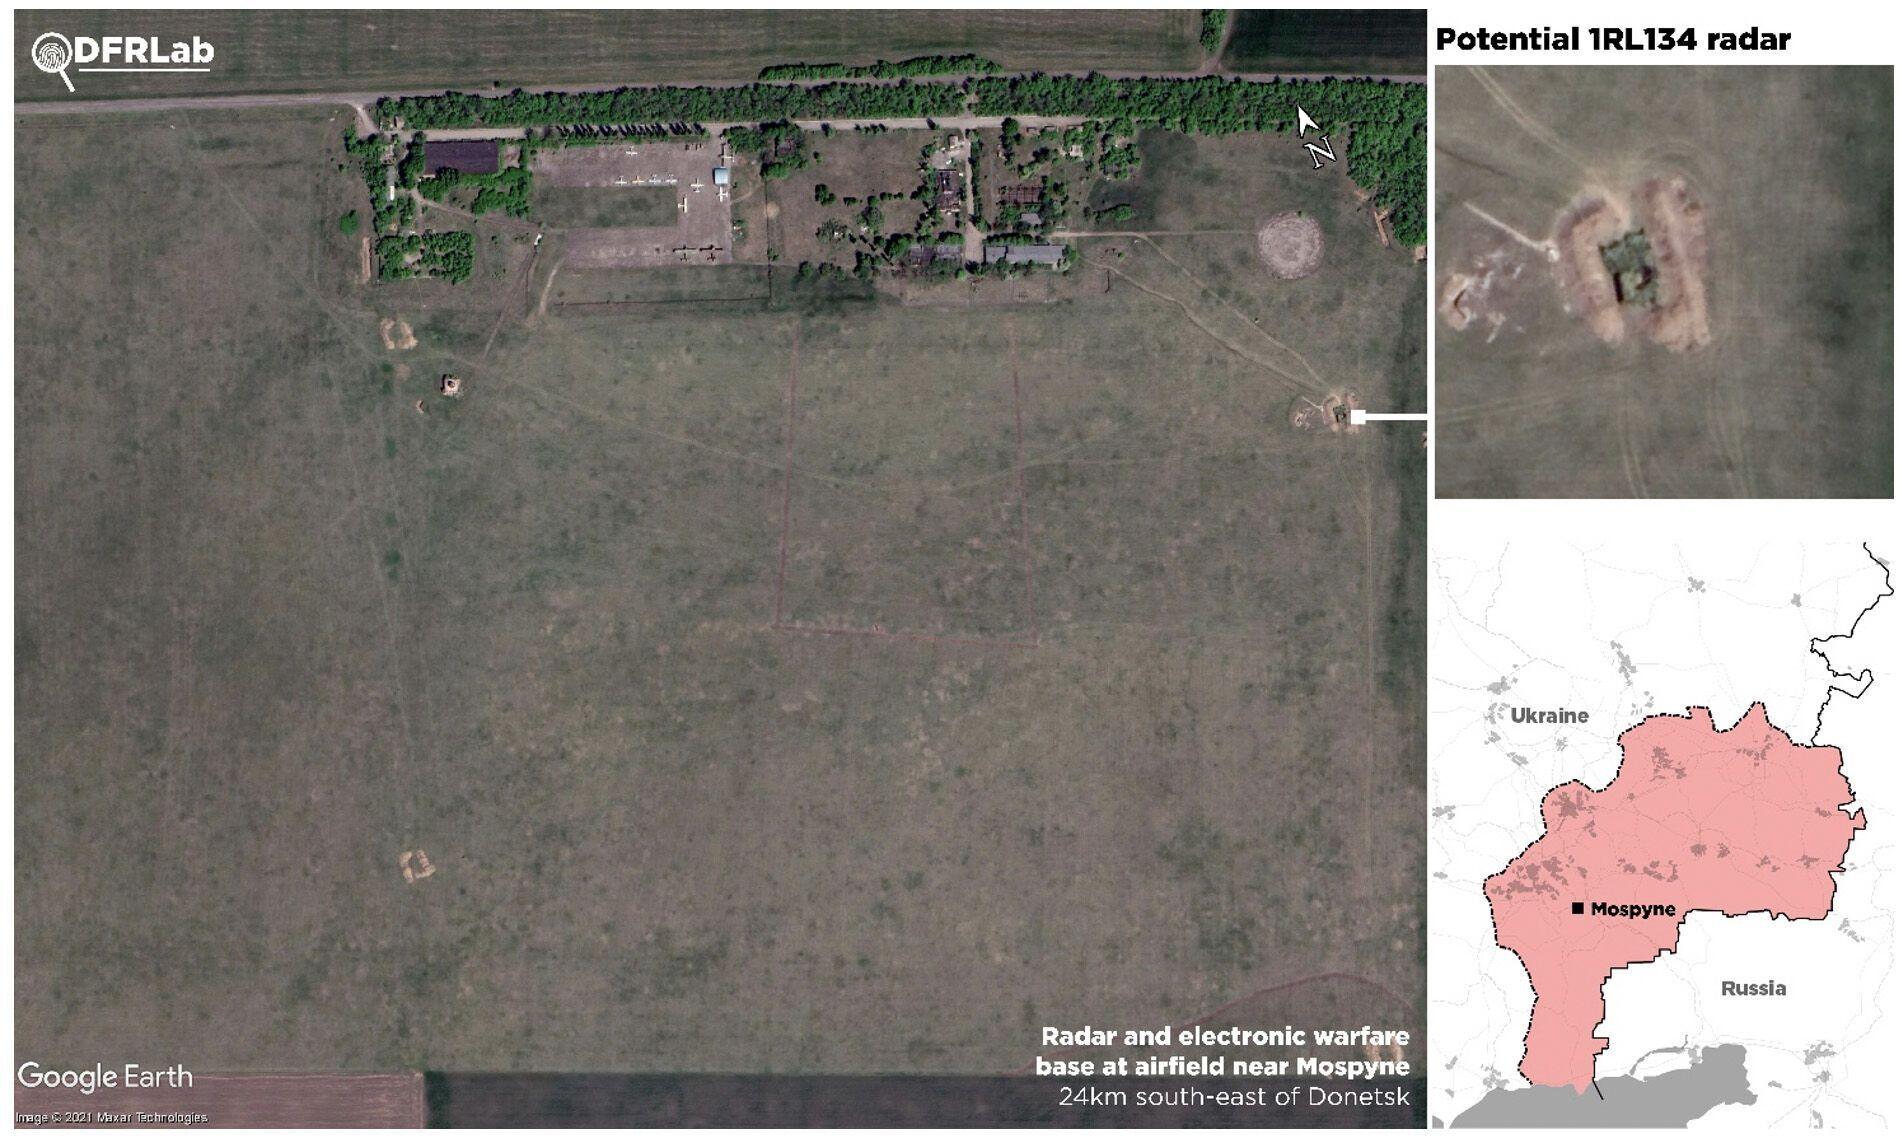 Супутникові знімки, що показують місце розташування радару та засобів РЕБ на аеродромі поблизу міста Моспине